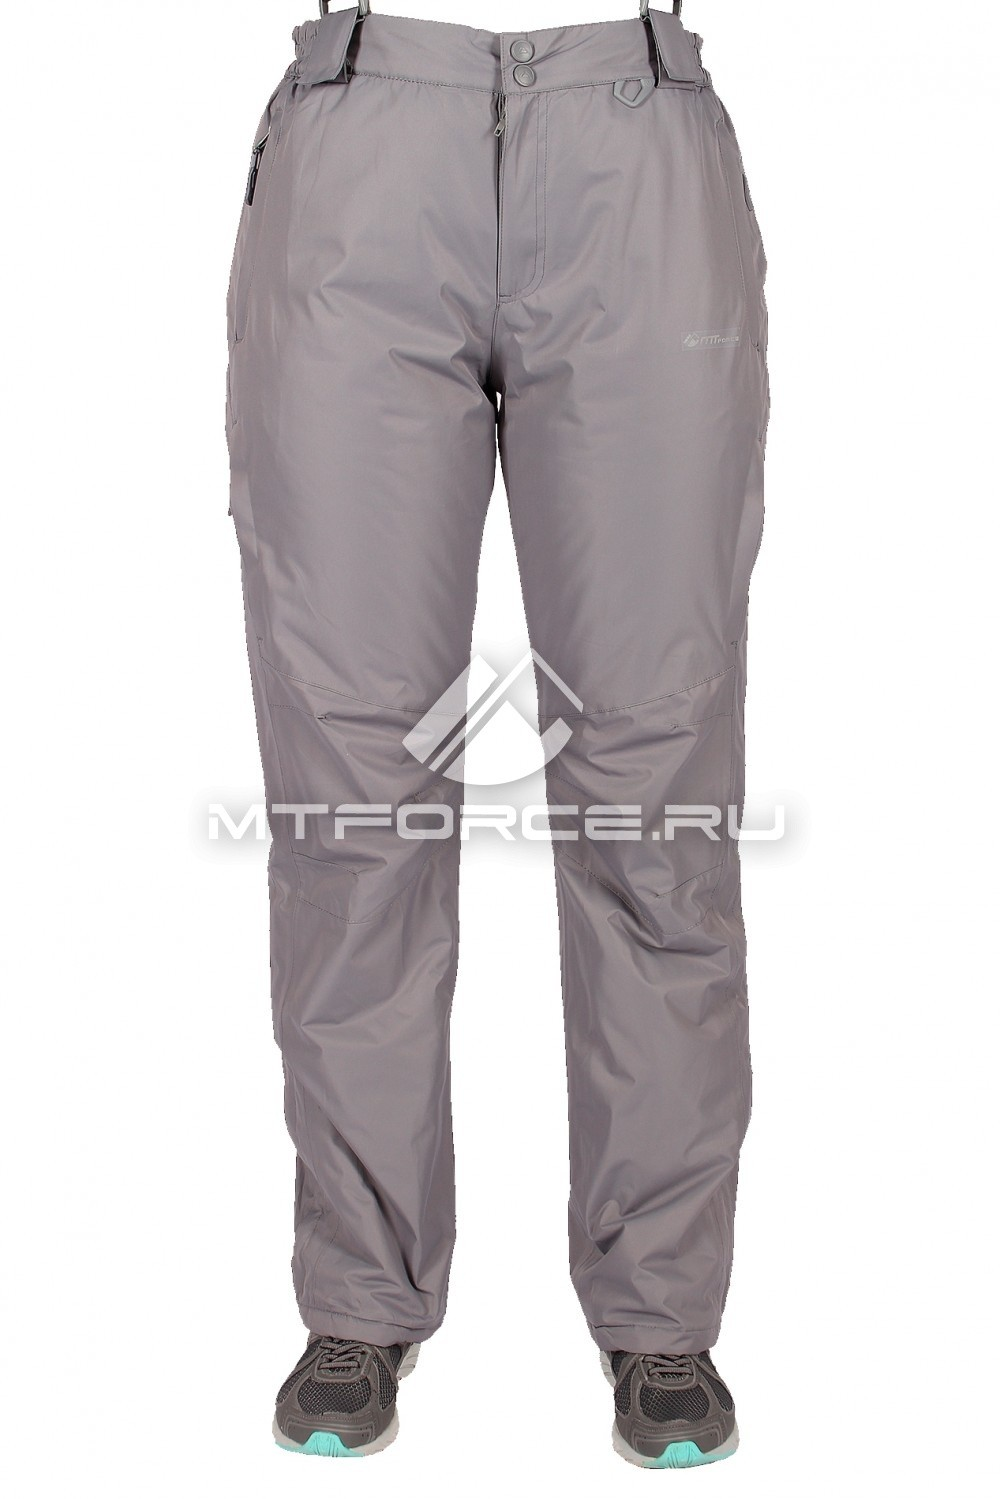 Купить оптом Брюки горнолыжные женские серого цвета 526Sr в Самаре